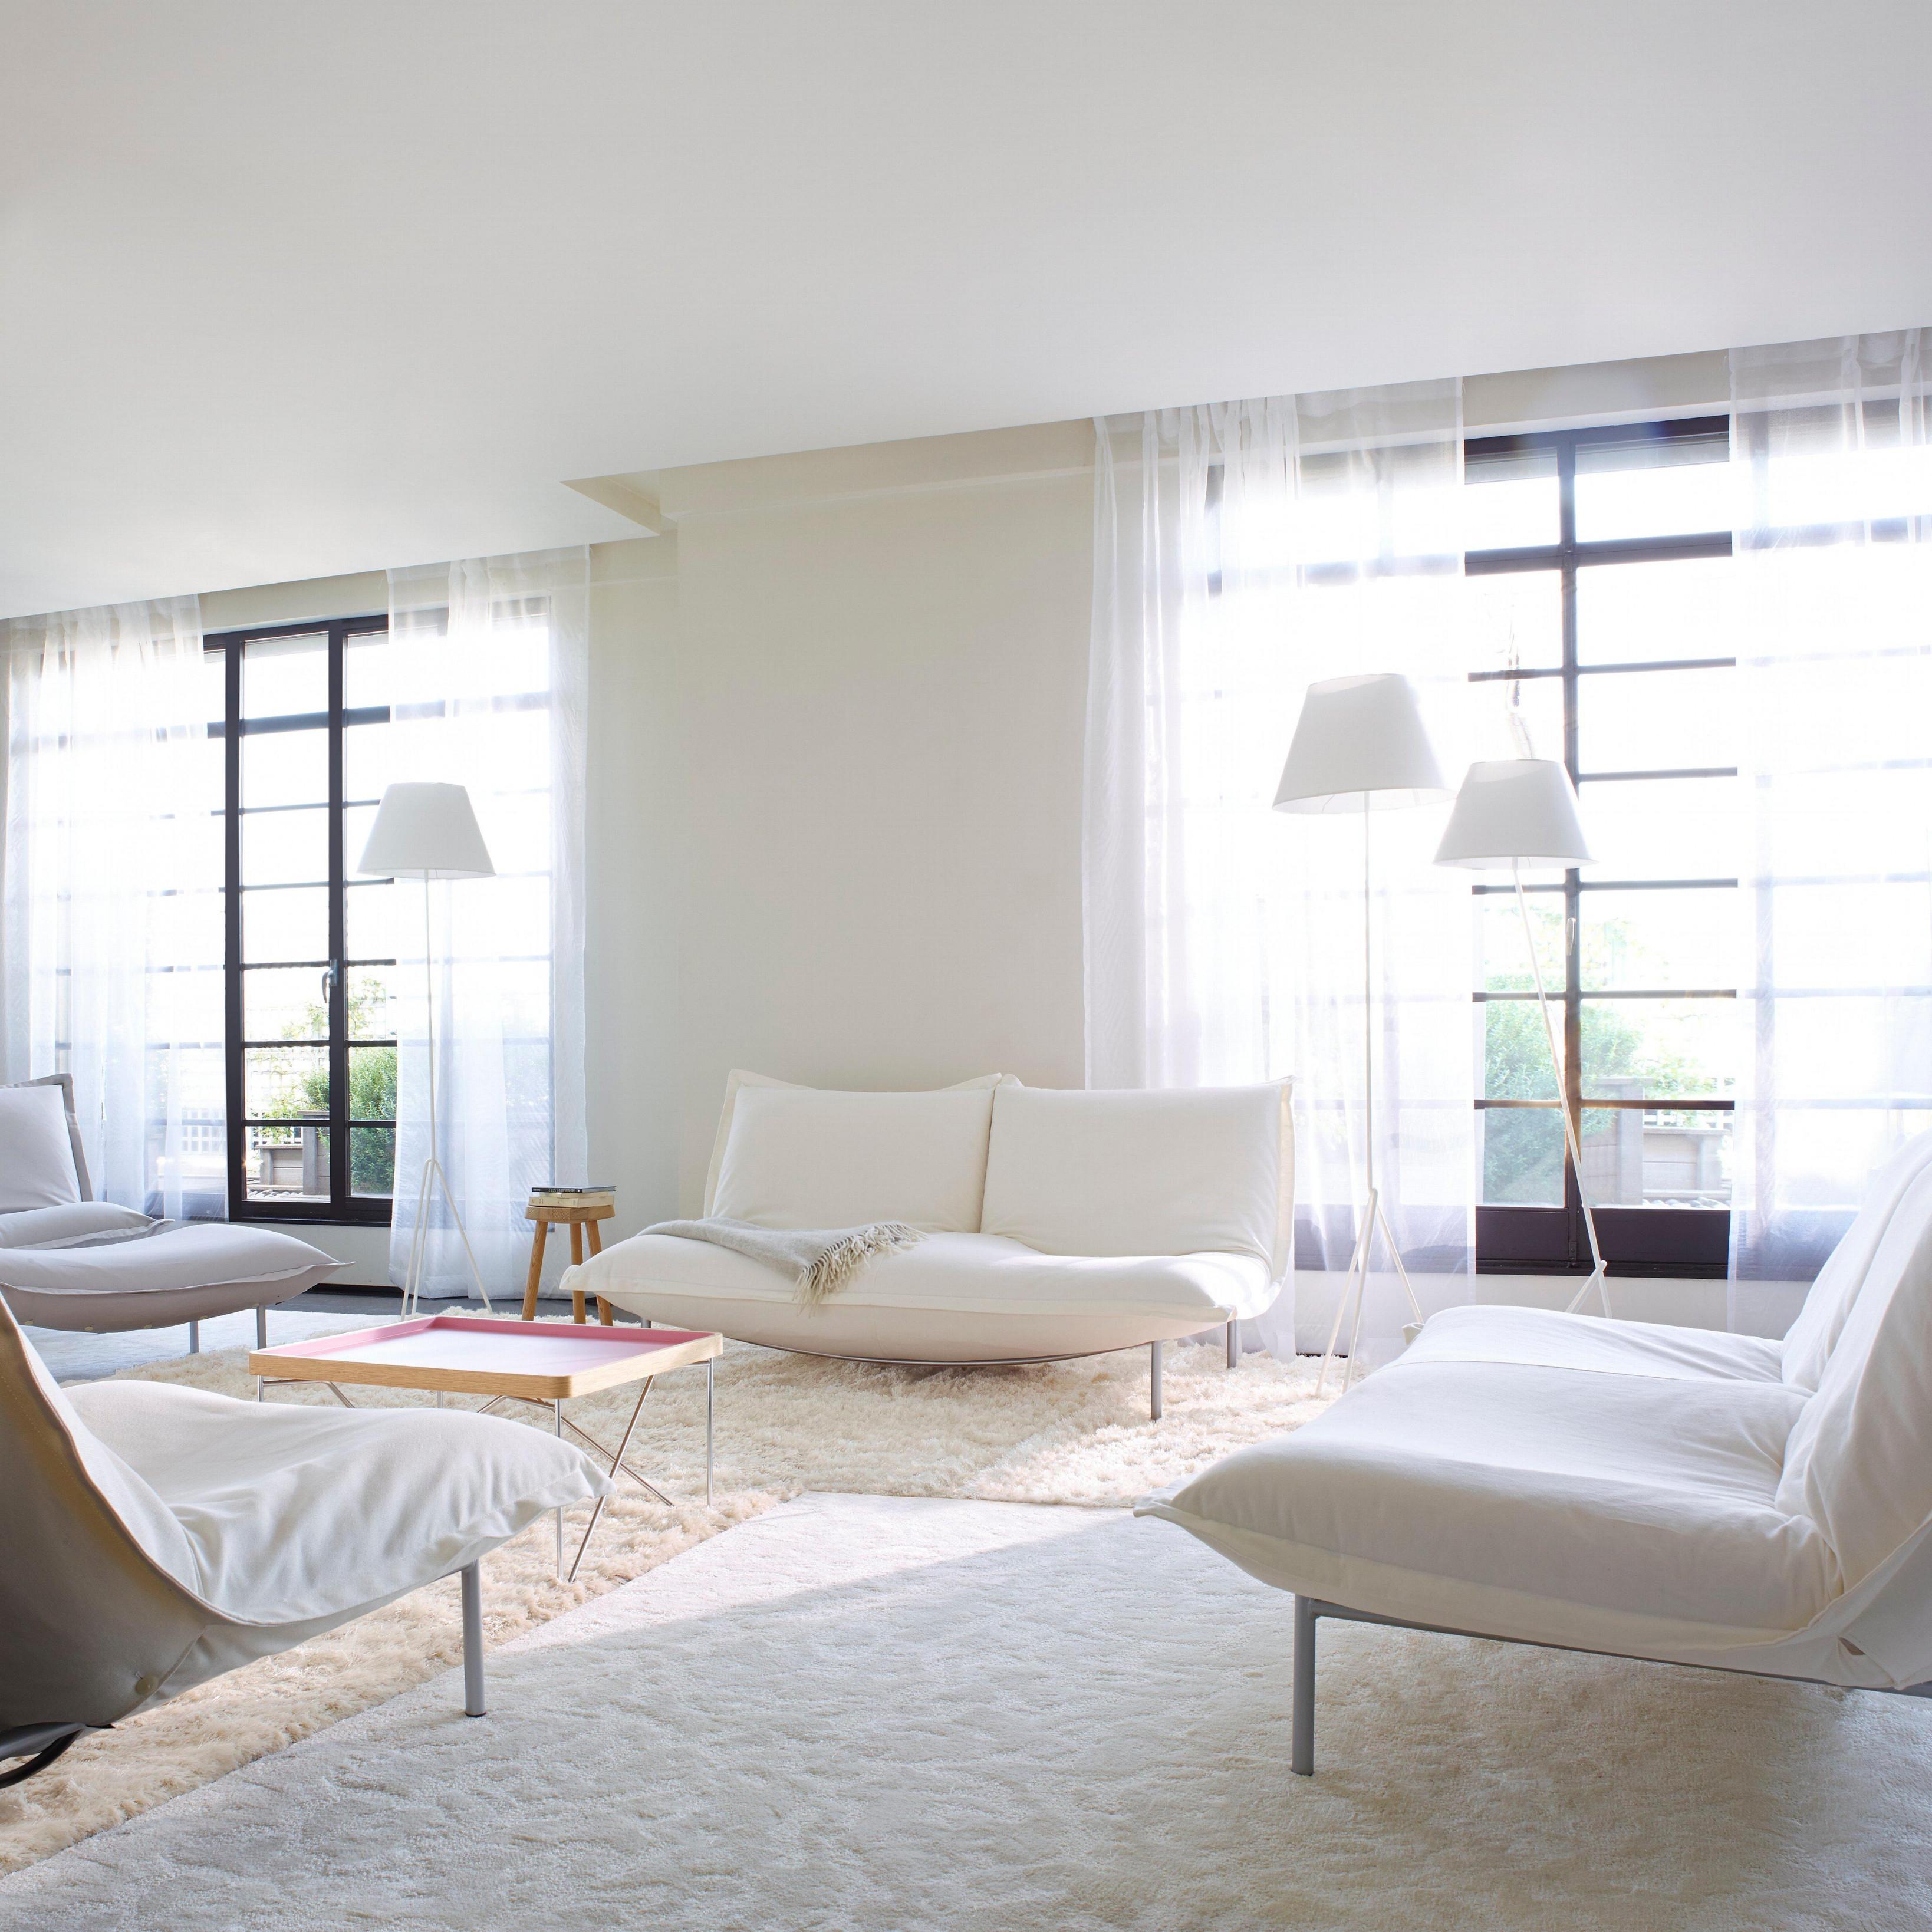 Wohnzimmer In Weiß Couchtisch Teppich Sofa Weiße von Weisser Teppich Wohnzimmer Photo